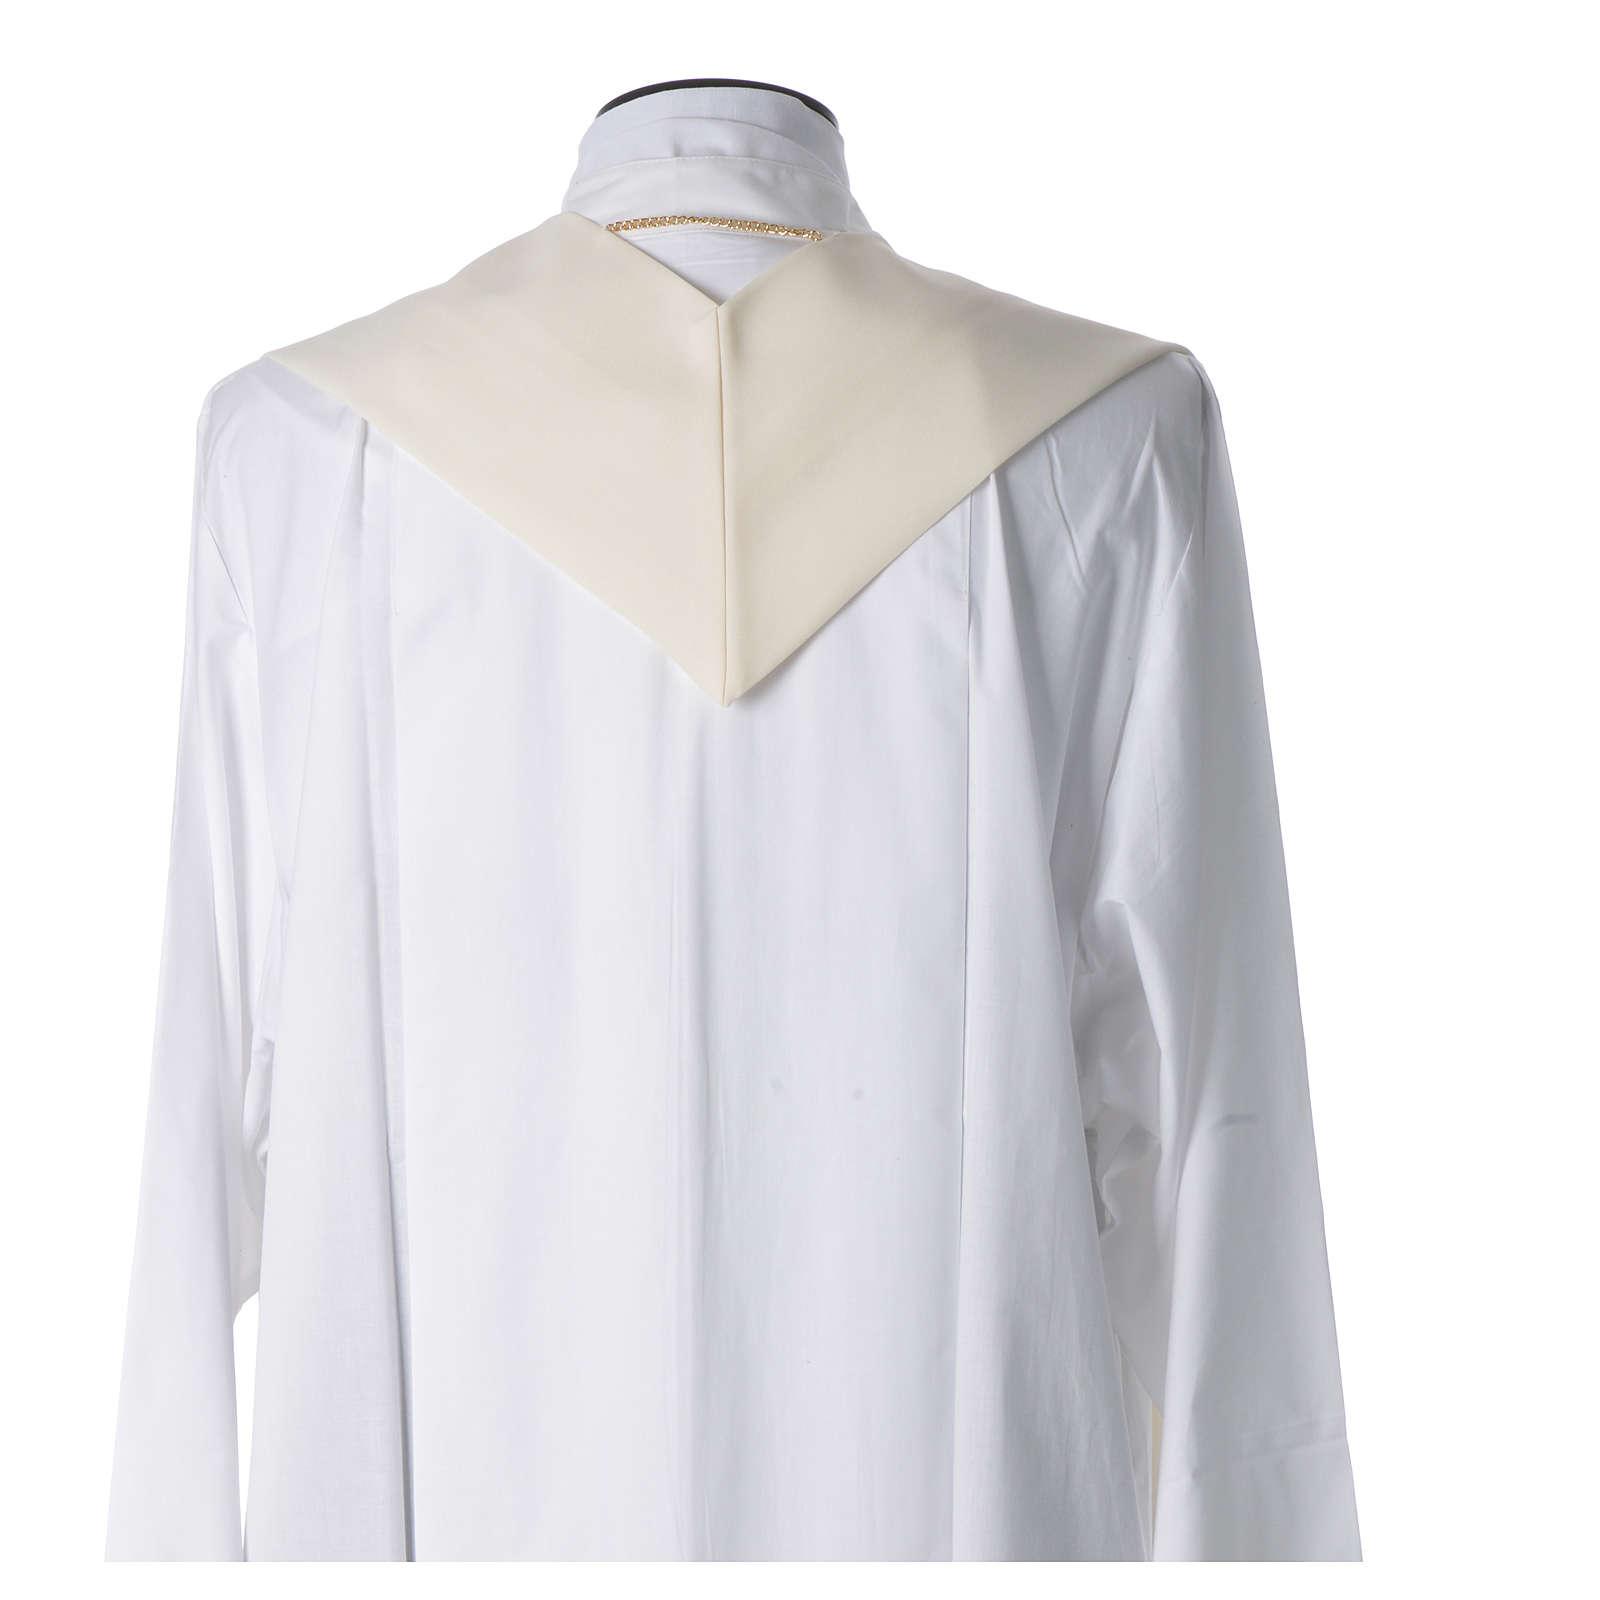 STOCK Stuła Jubileusz Papież Franciszek napis ŁACIŃSKI poliester haft maszynowy 4